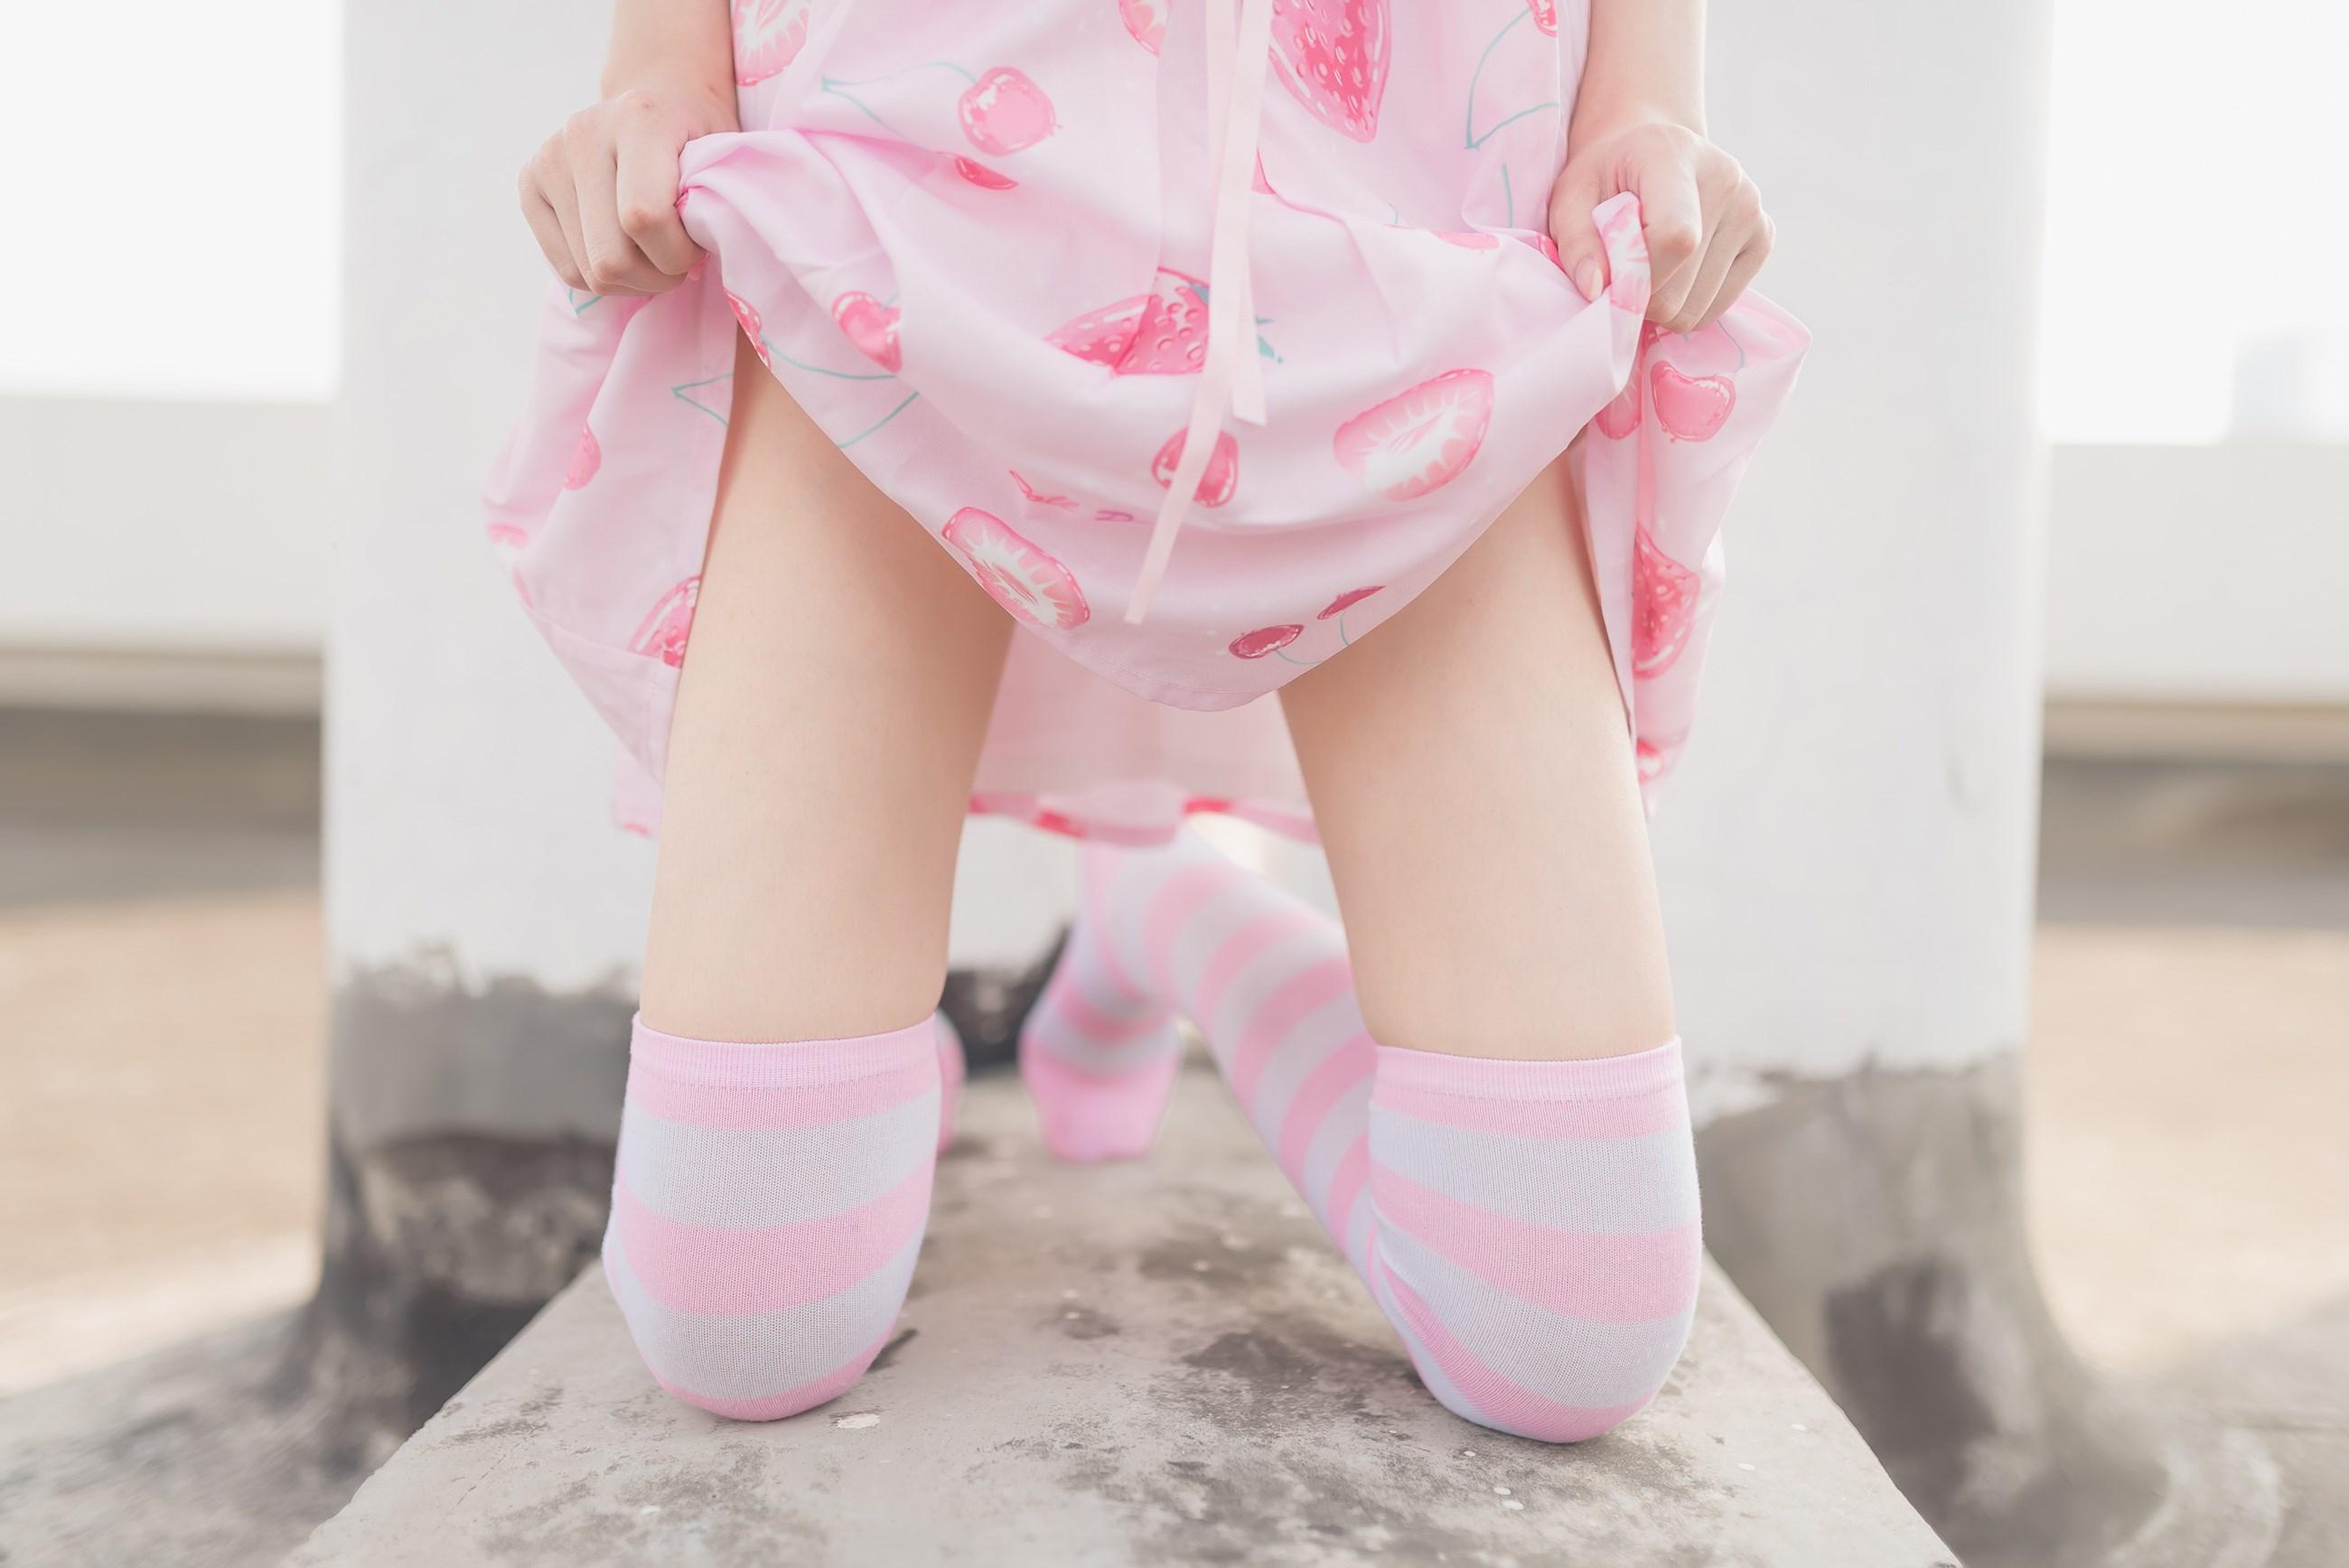 【兔玩映画】粉白条纹 兔玩映画 第25张